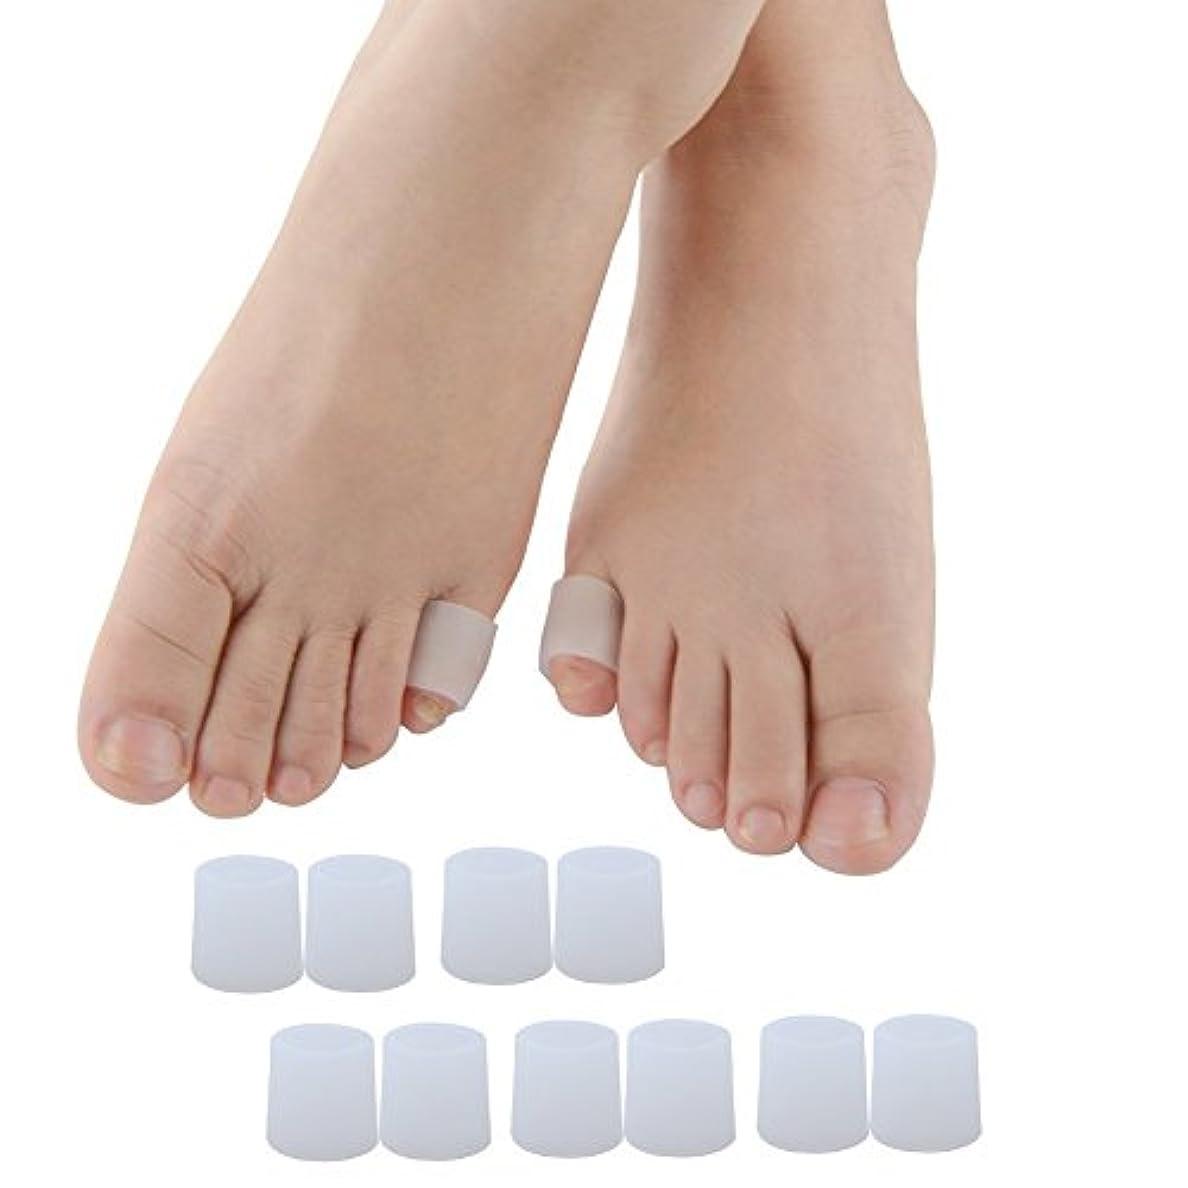 和解する支配的急襲Povihome 足指 足爪 保護キャップ 小指 5ペア,足の小指保護, 白い 足 指 キャップ